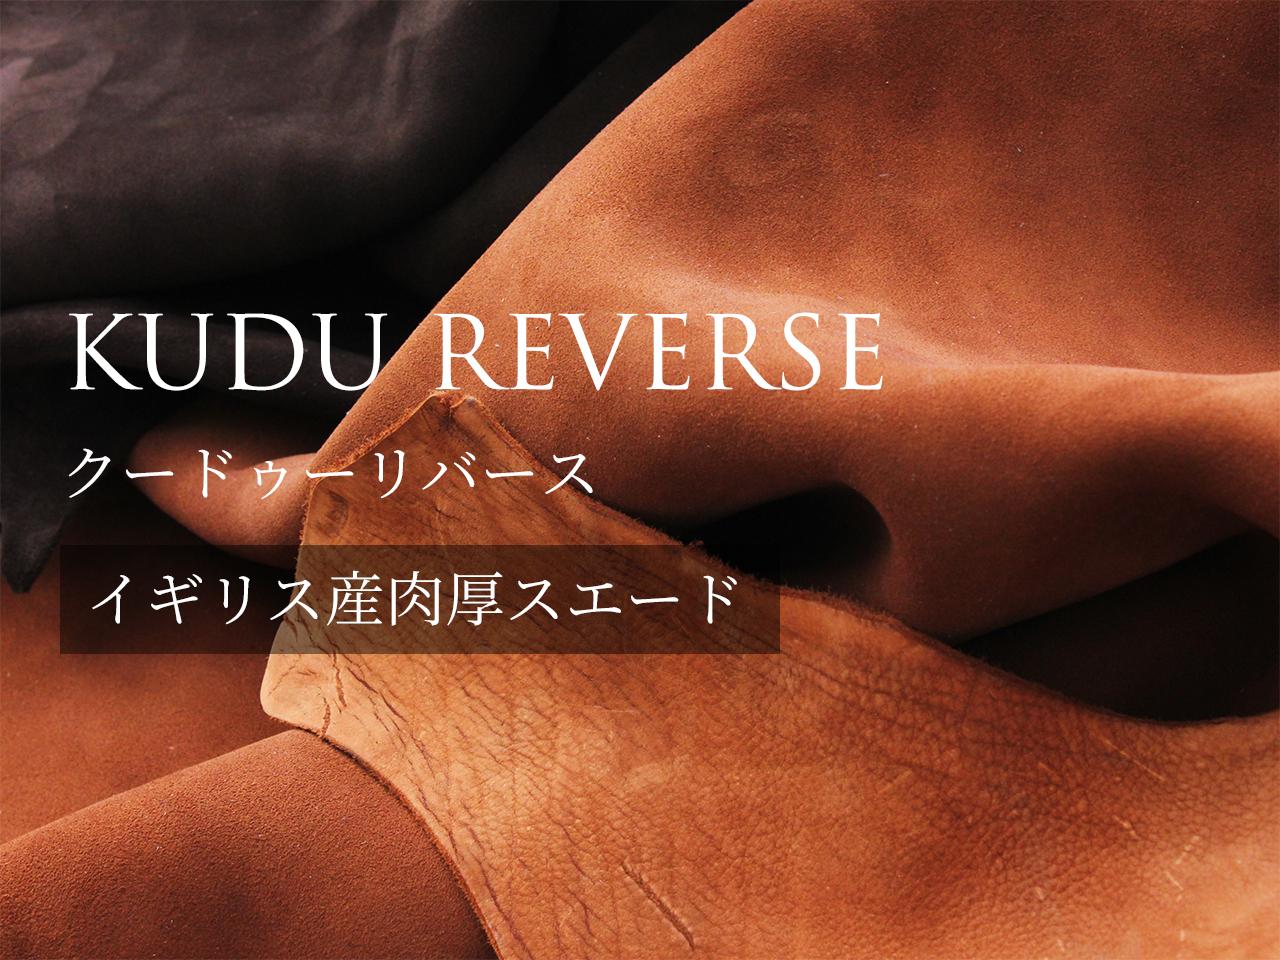 KUDU REVERSE(クードゥーリバース)について